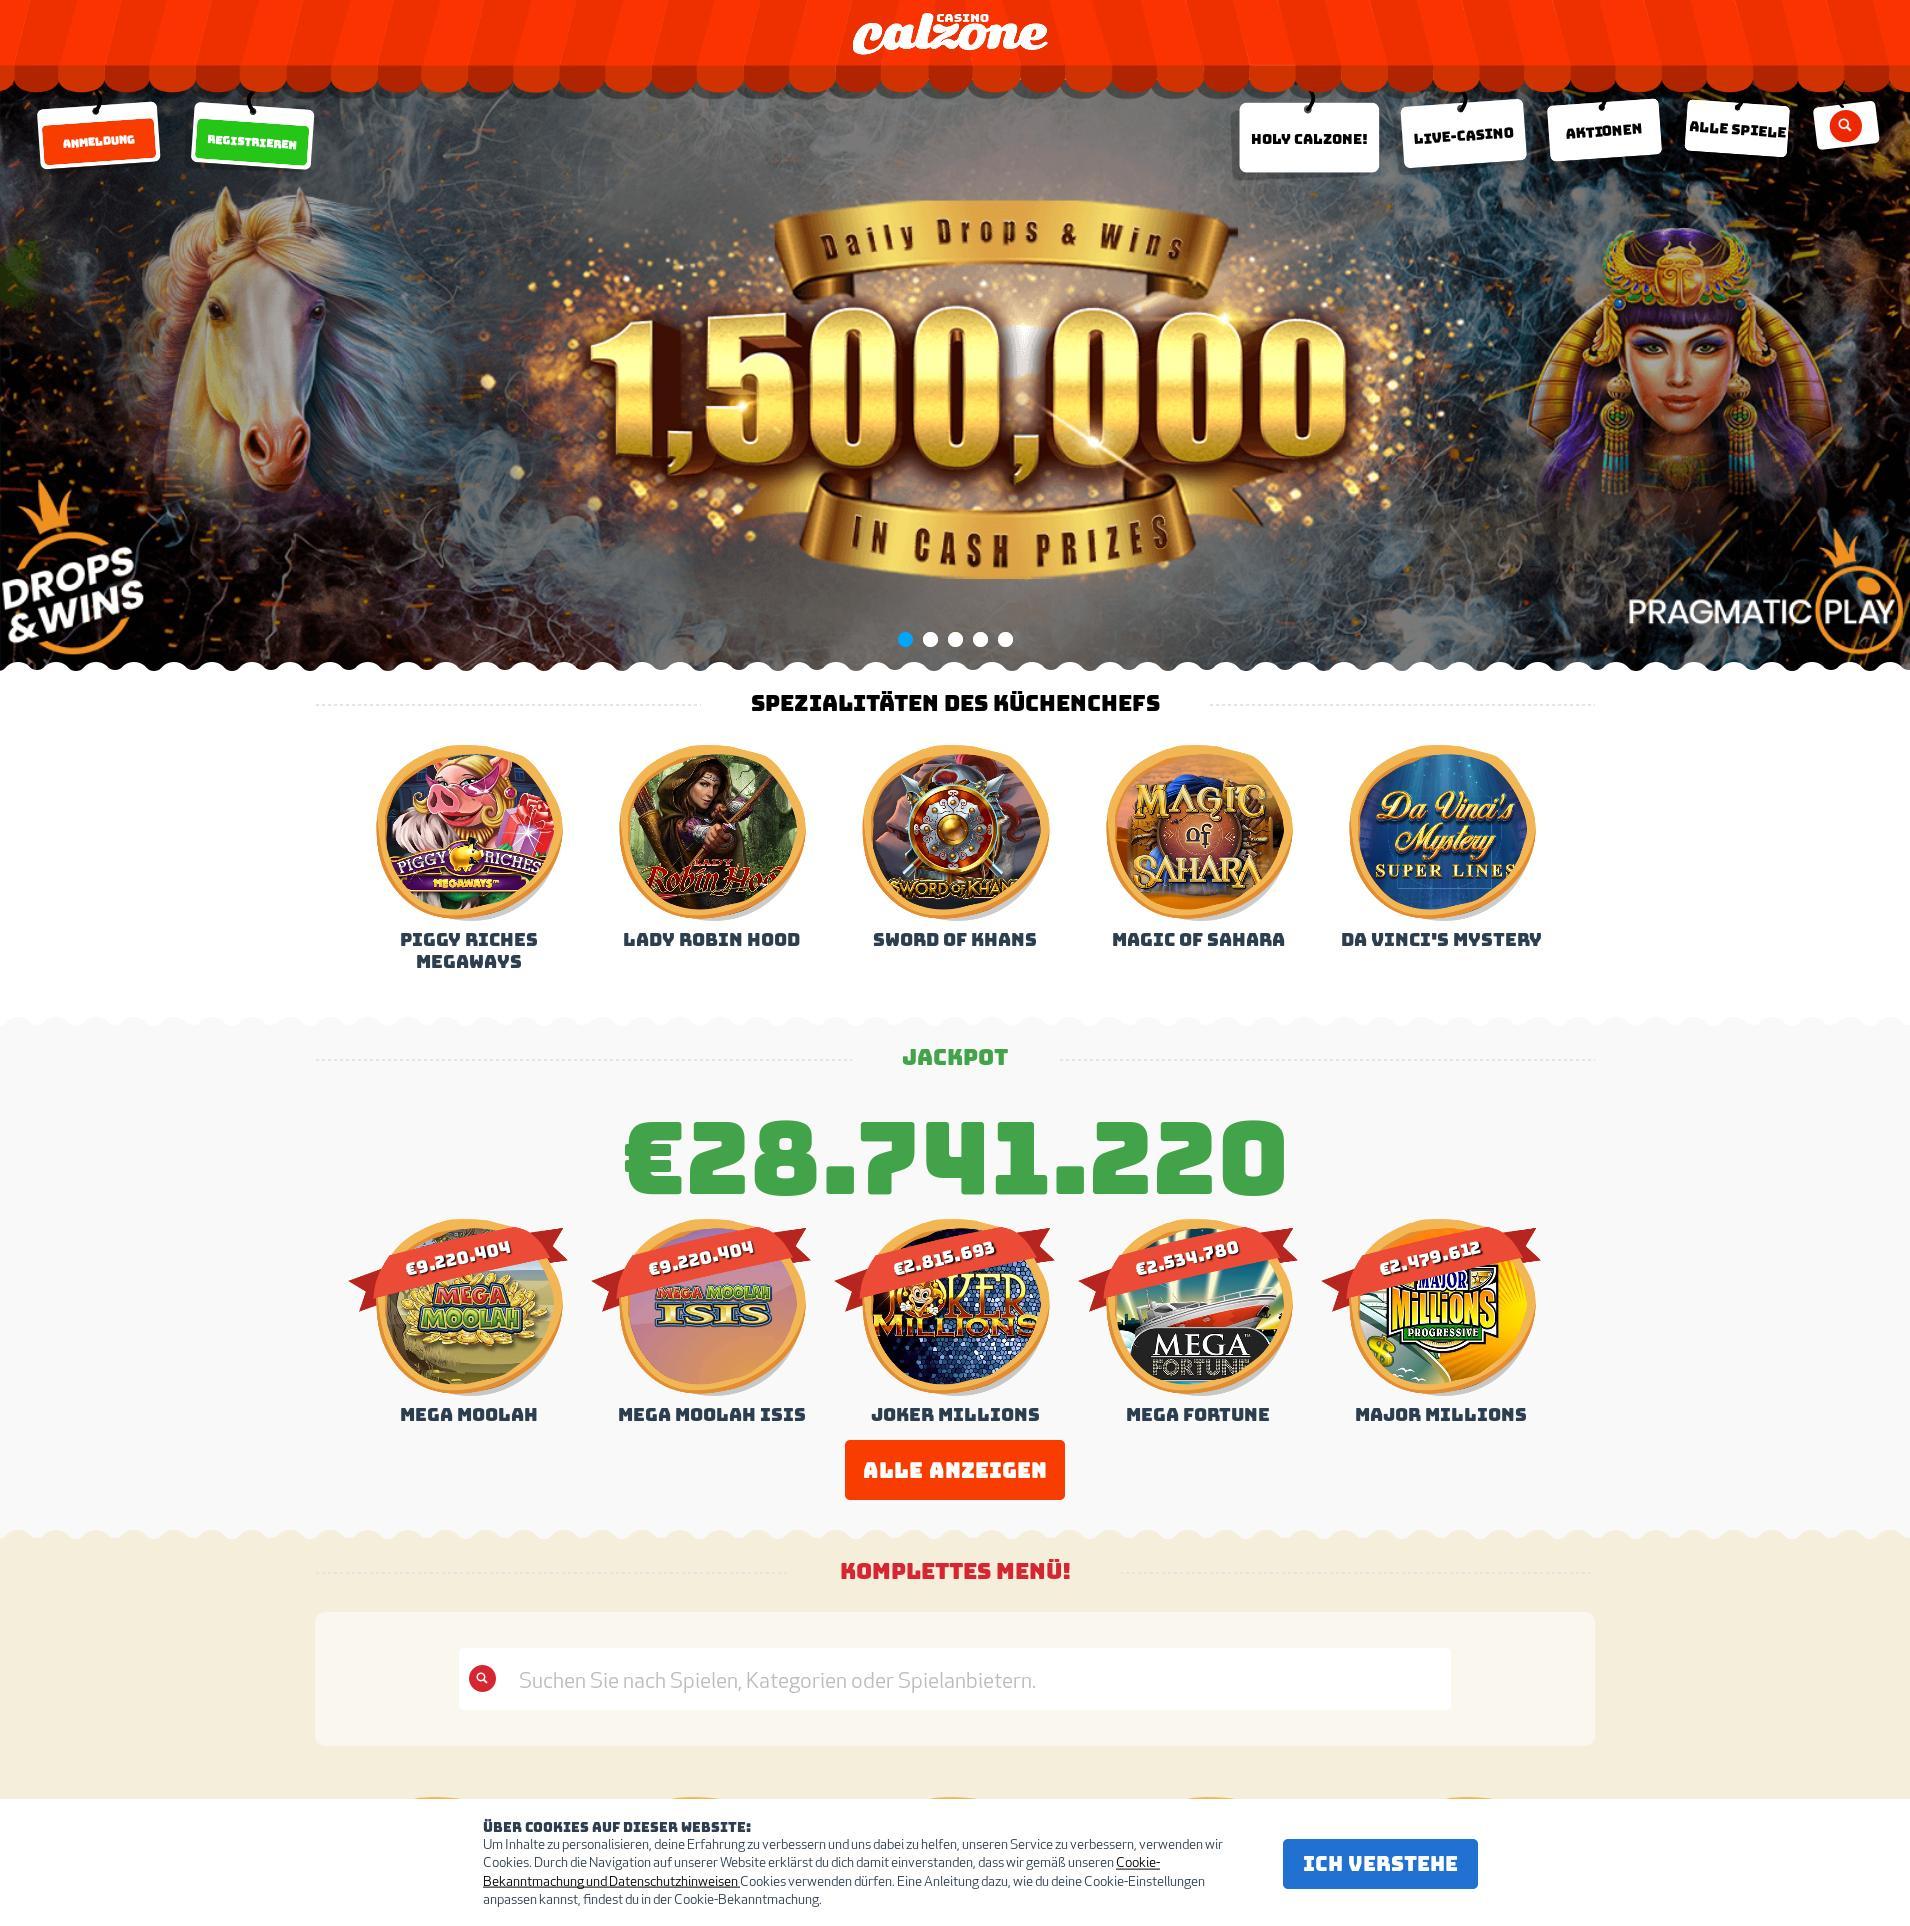 Obrazovka kasina Lobby 2020-02-25 pro Německo